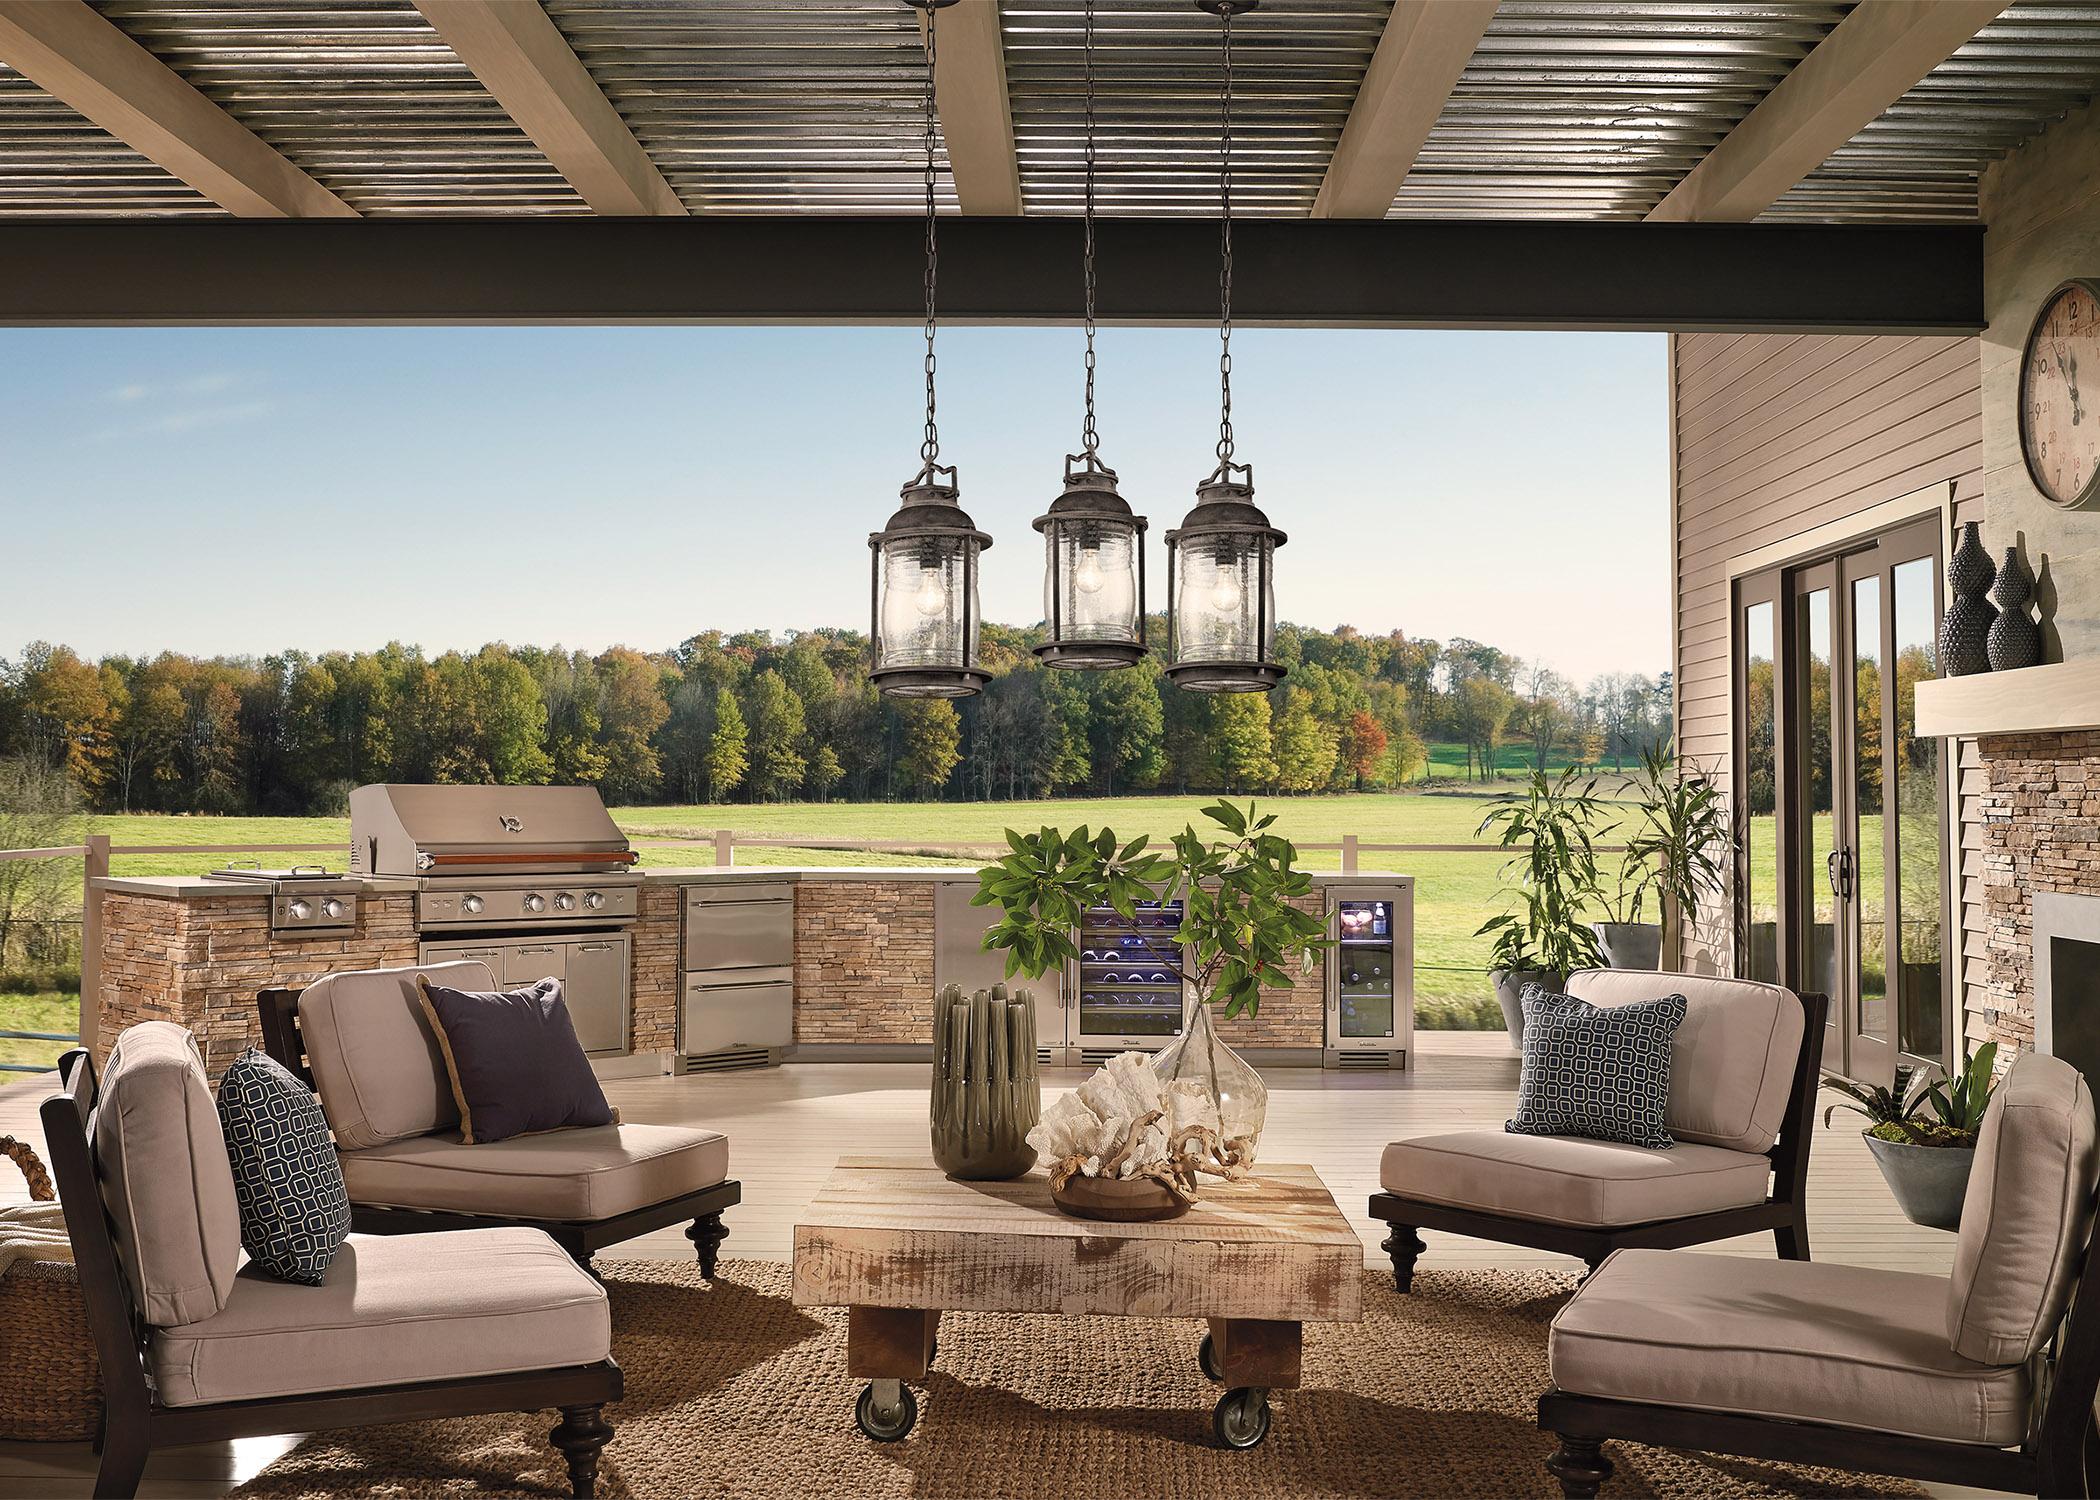 Deck With Outdoor Lighting